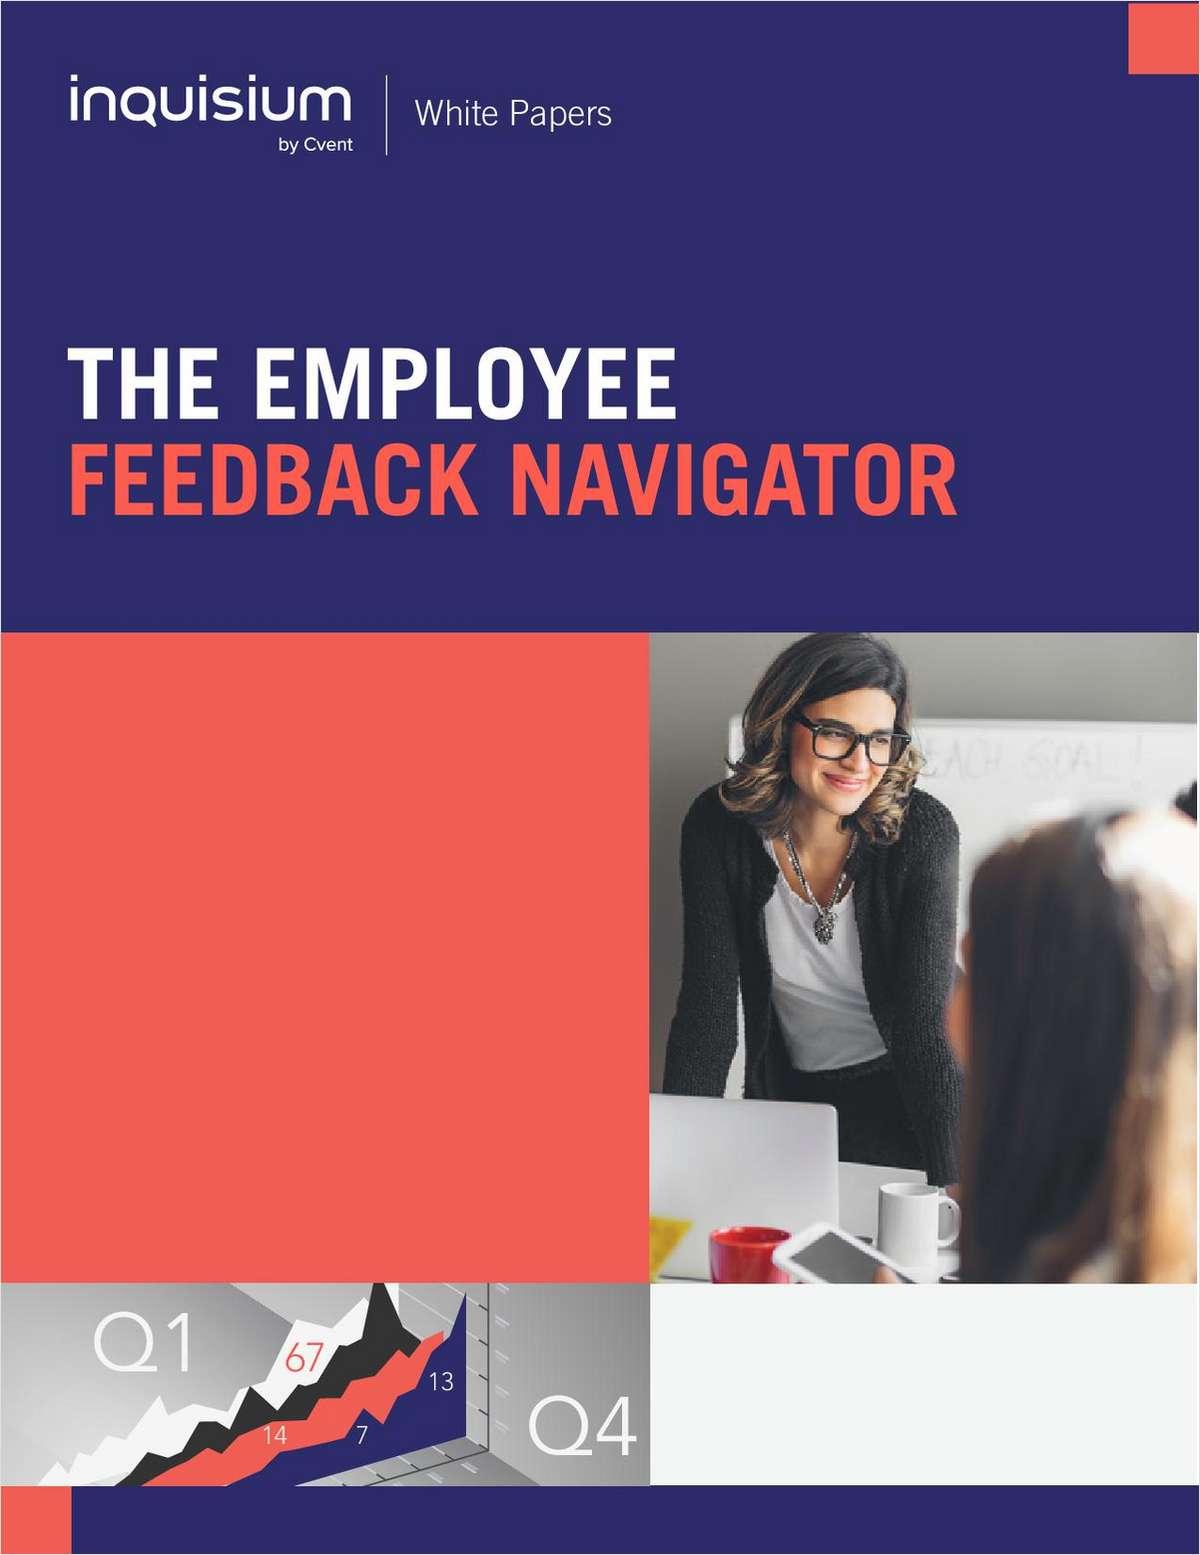 The Employee Feedback Navigator